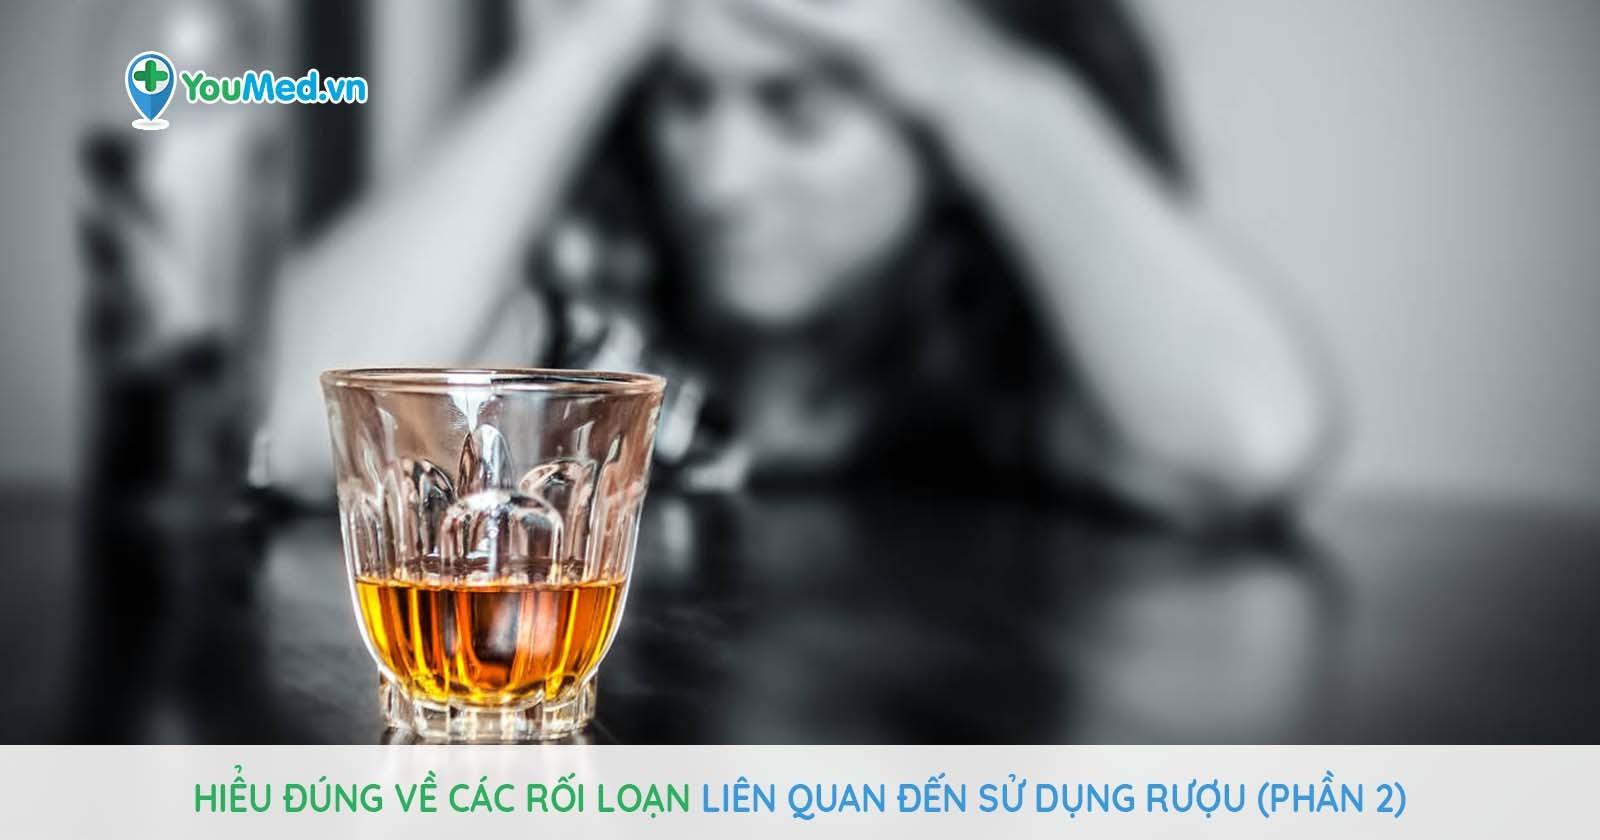 Hiểu đúng về các rối loạn liên quan đến sử dụng rượu (Phần 2)